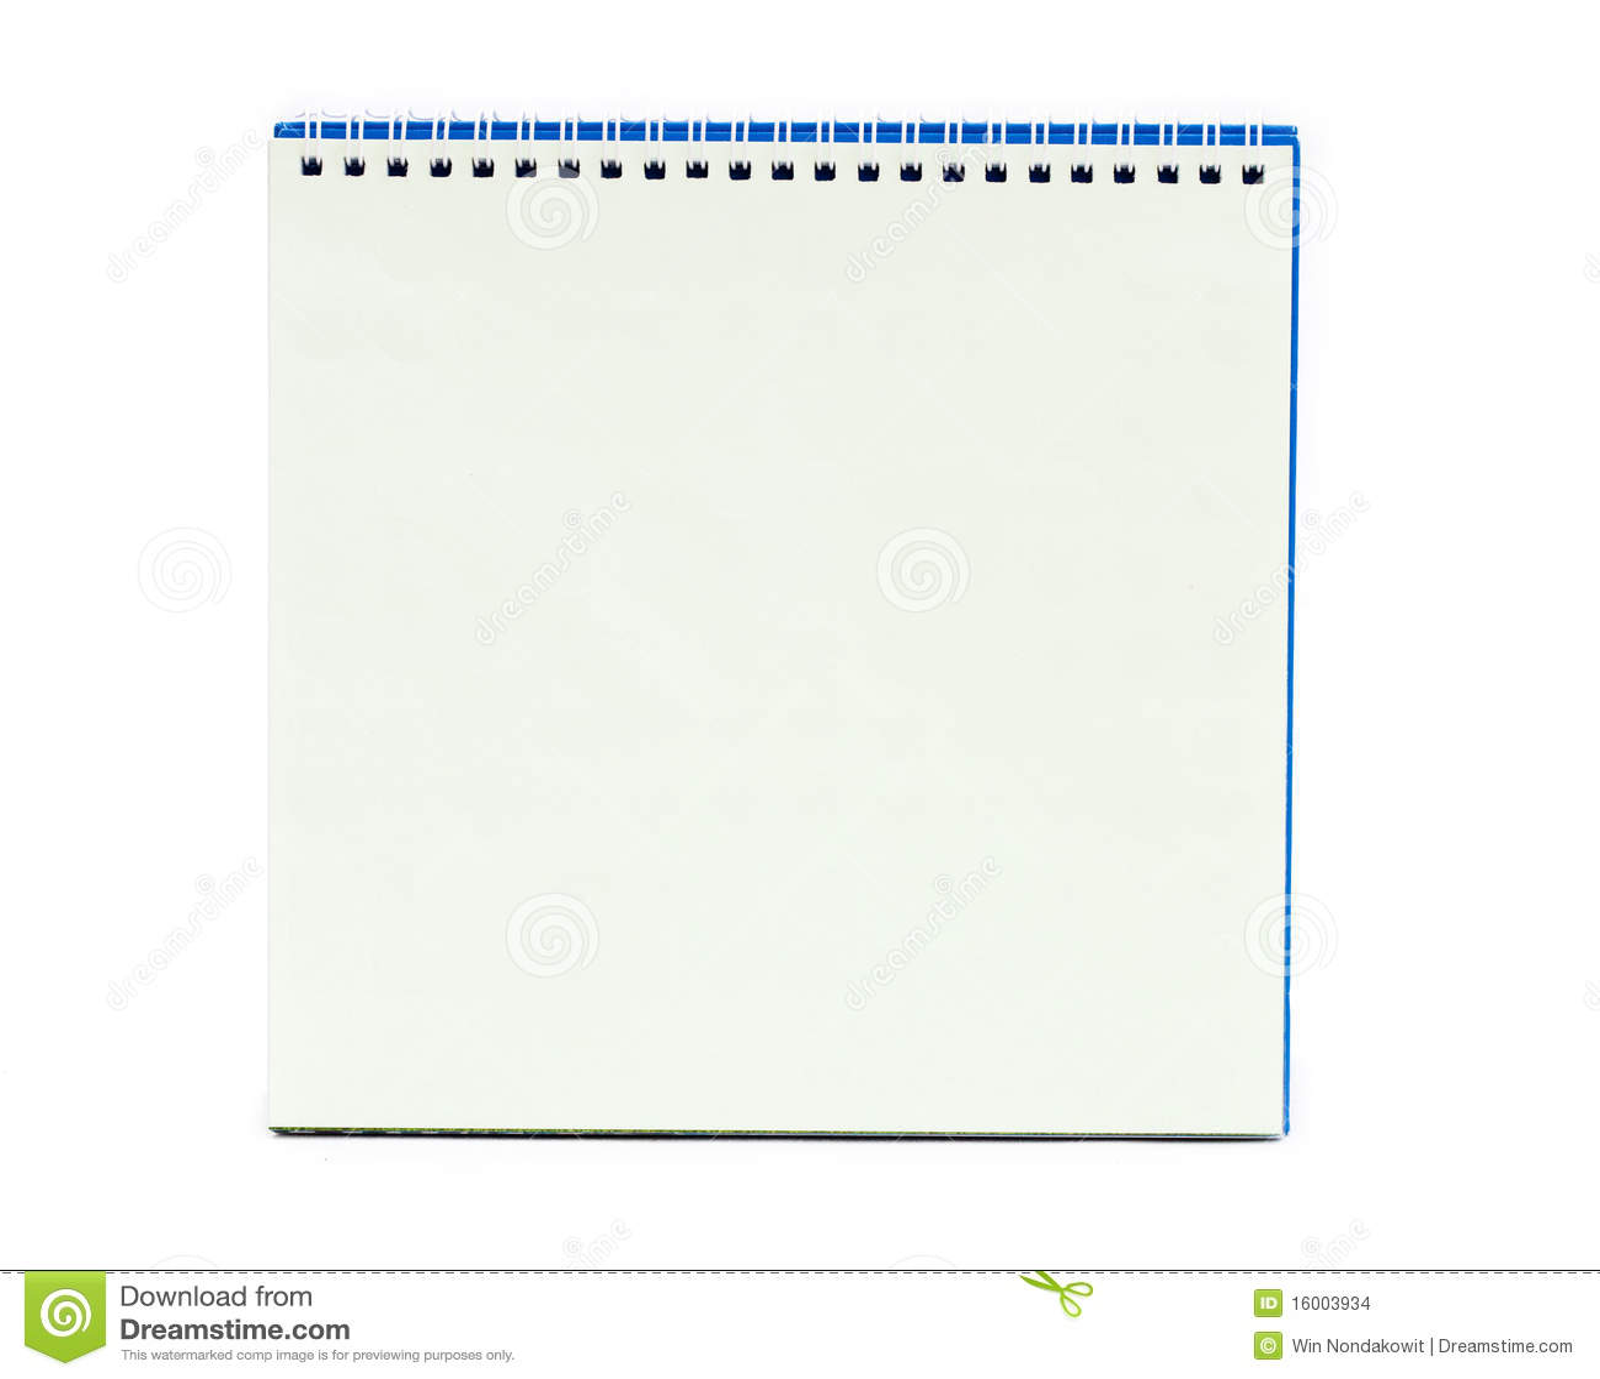 空白日历图片